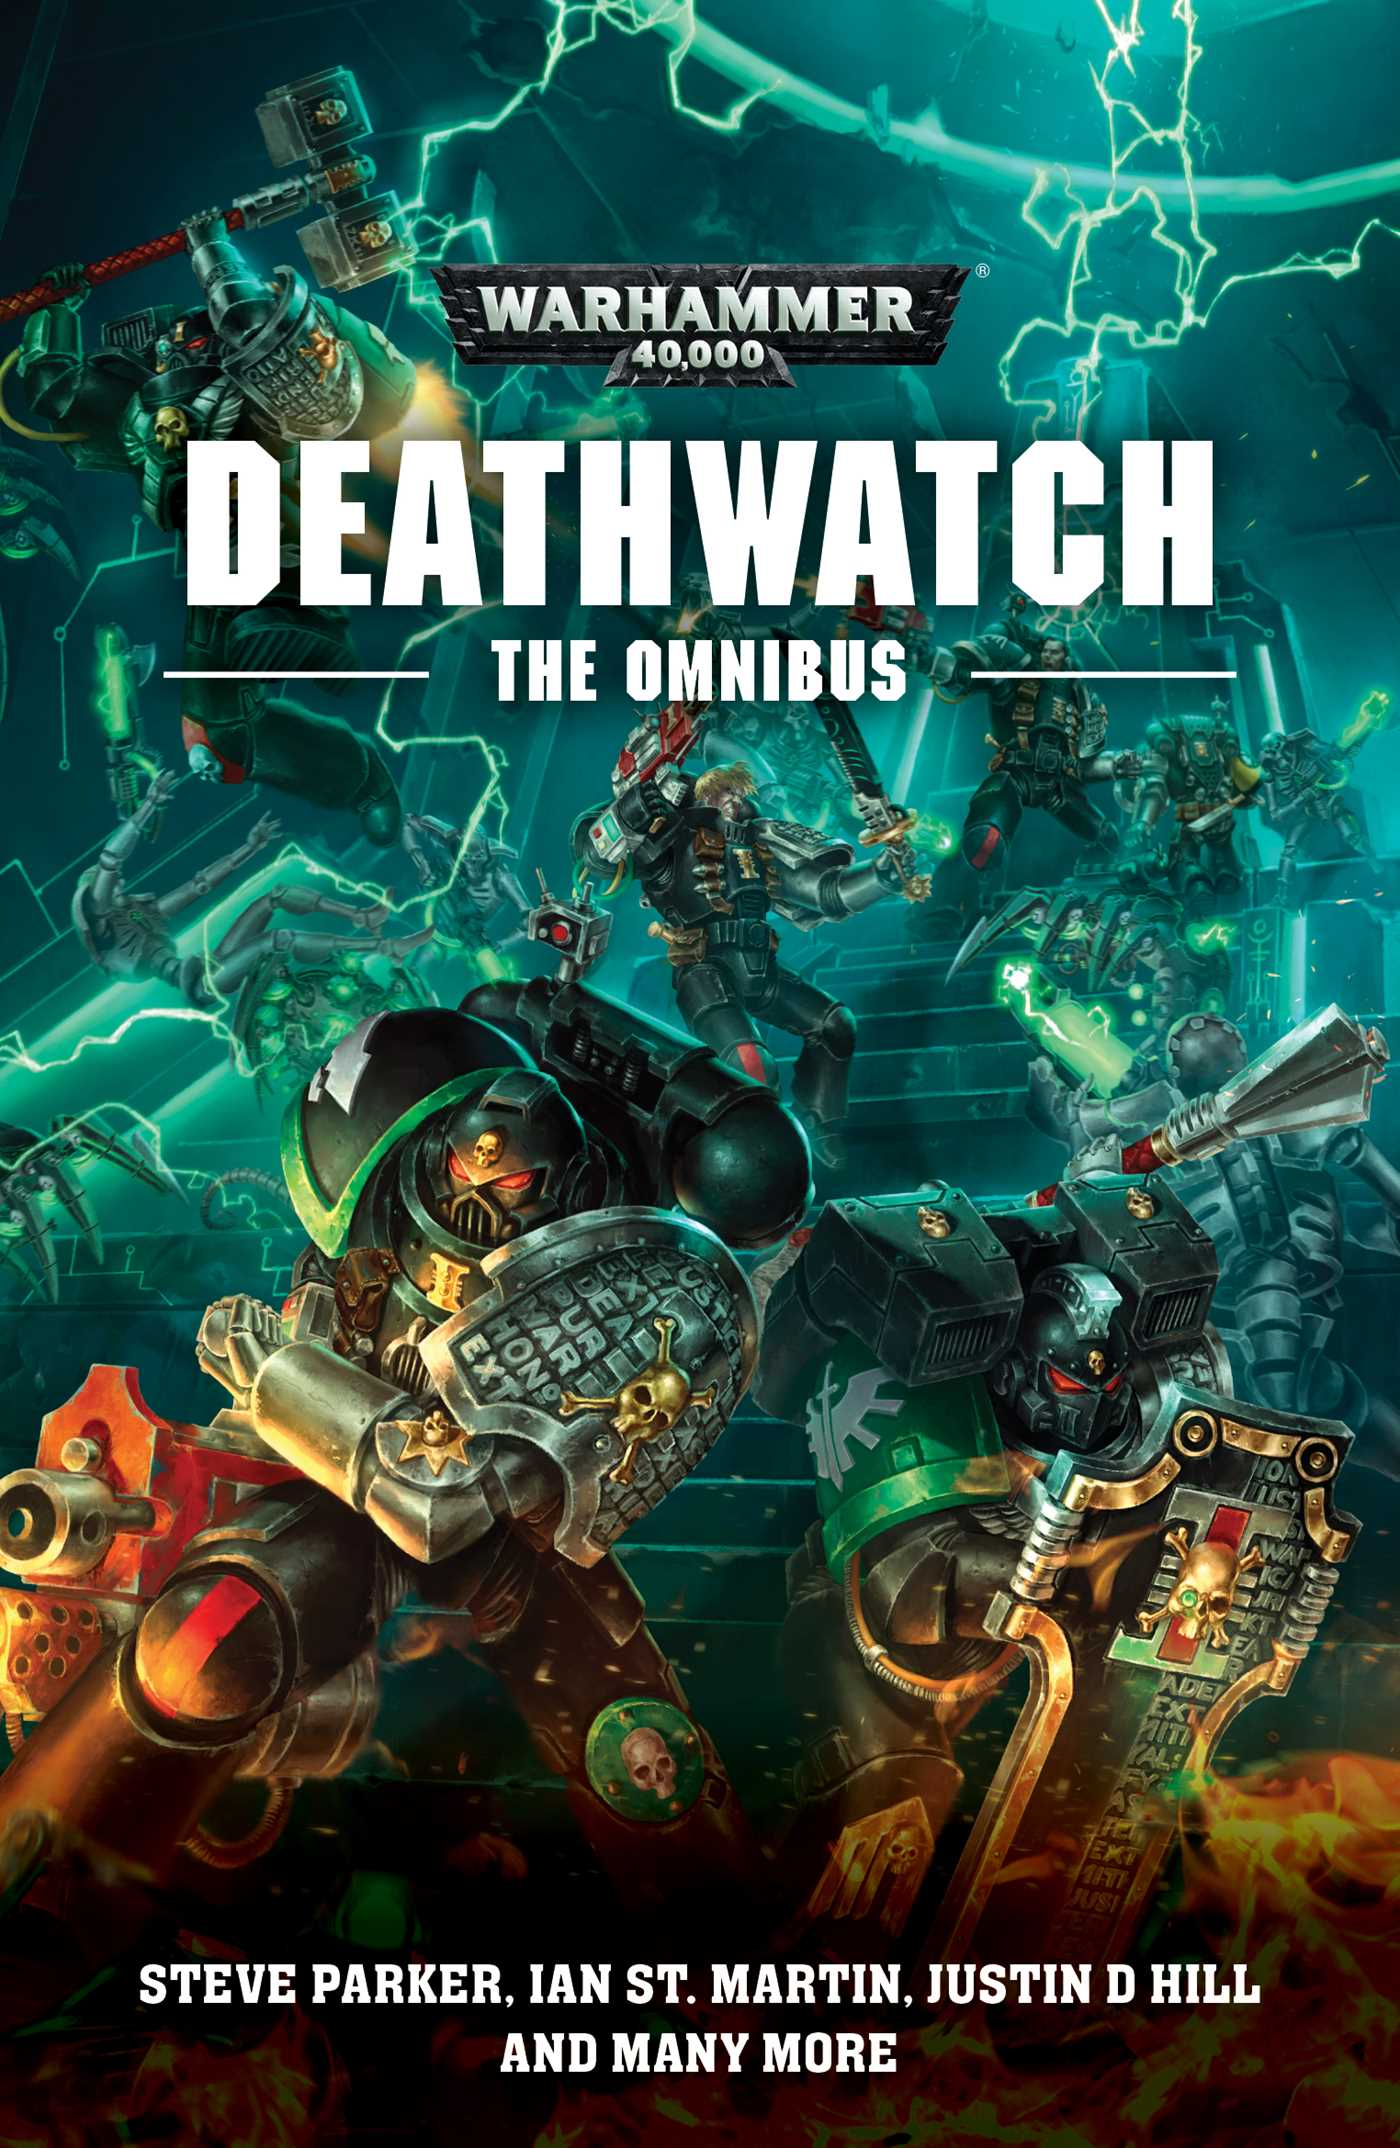 Deathwatch the omnibus 9781784966225 hr